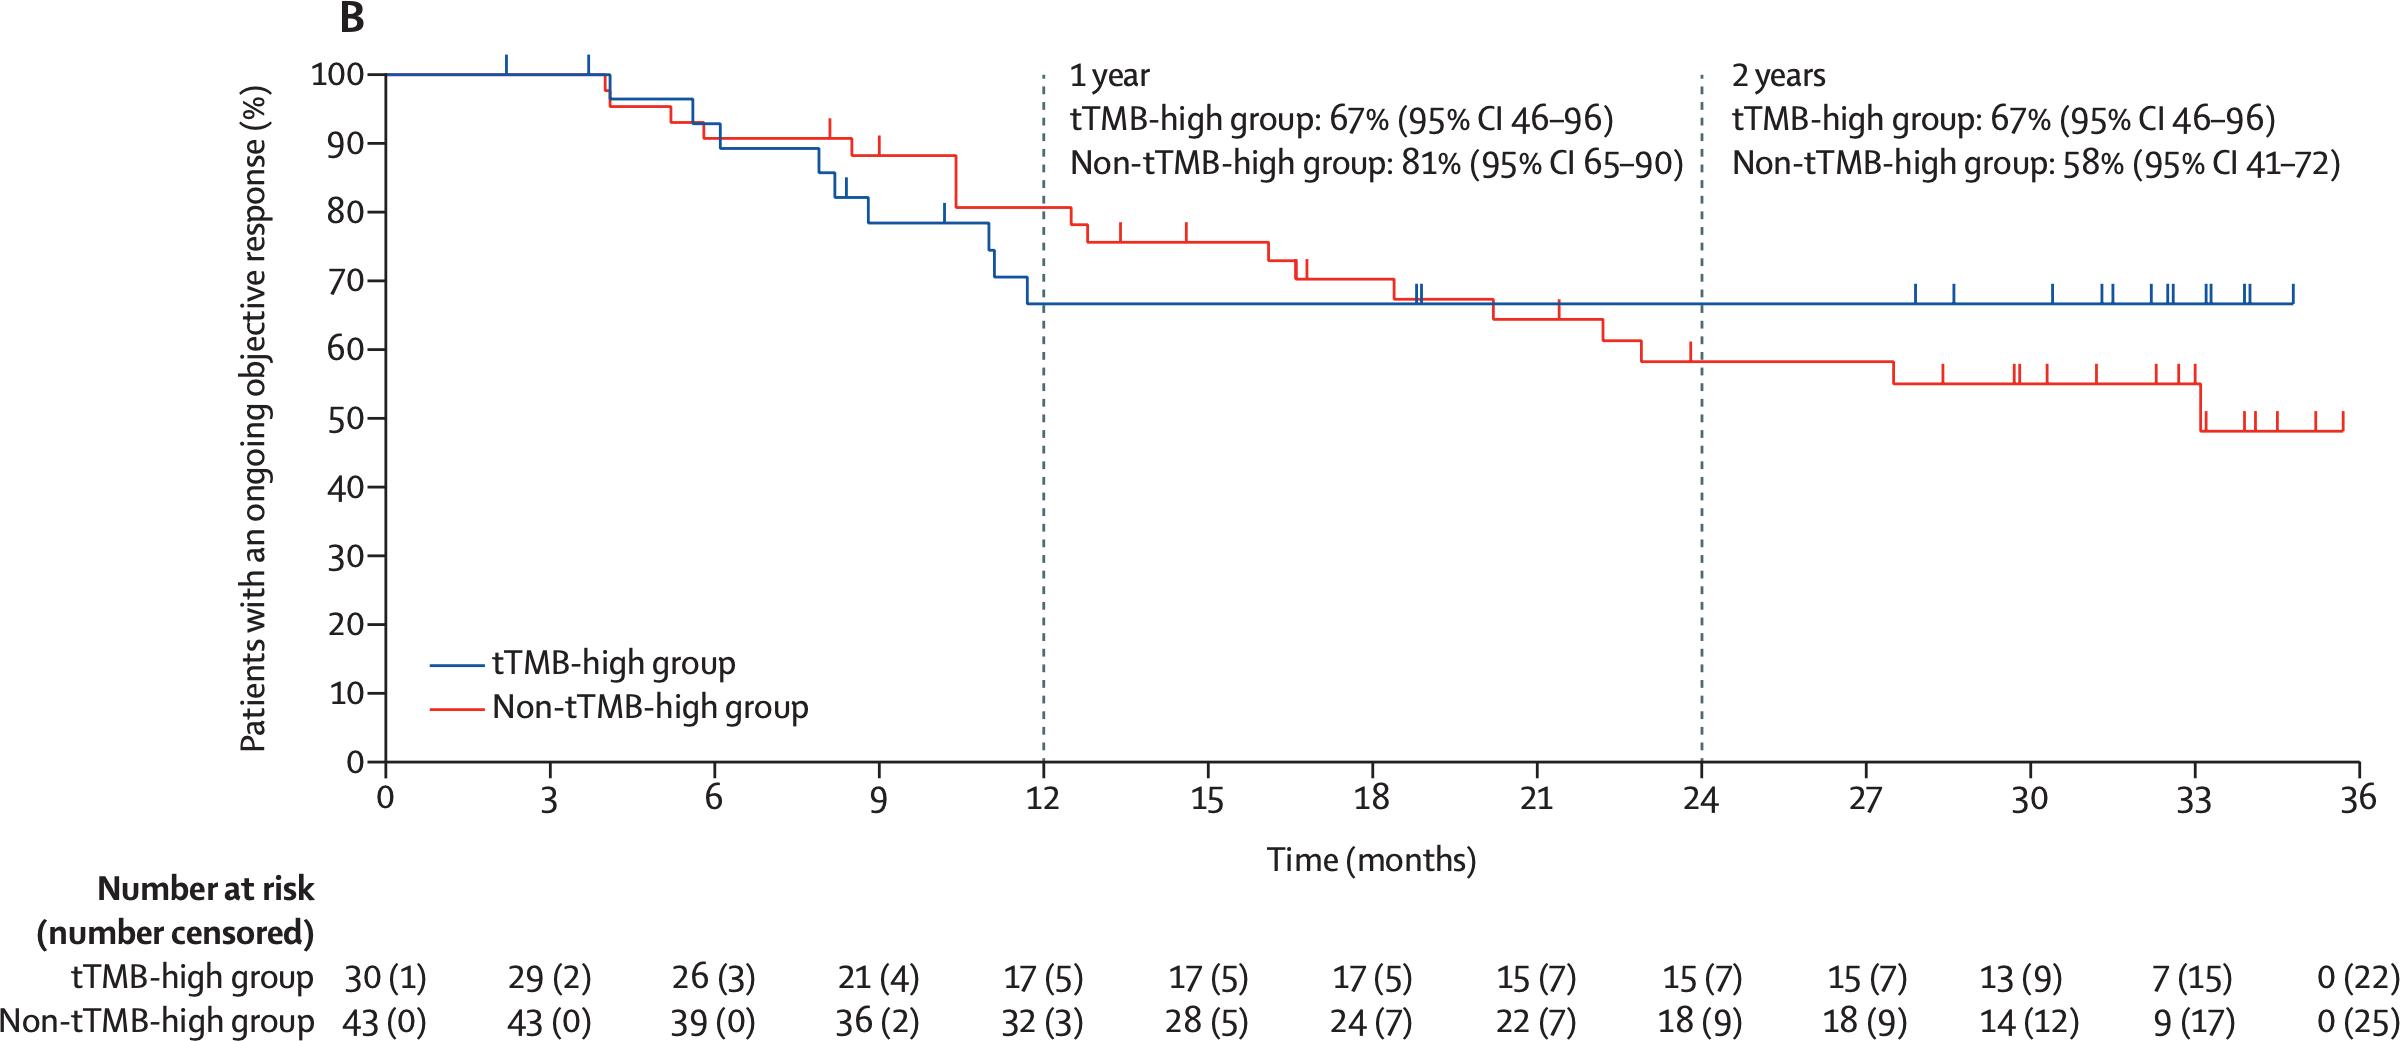 nct02628067 results 03 - «Китруда» разрешен в лечении любых солидных опухолей